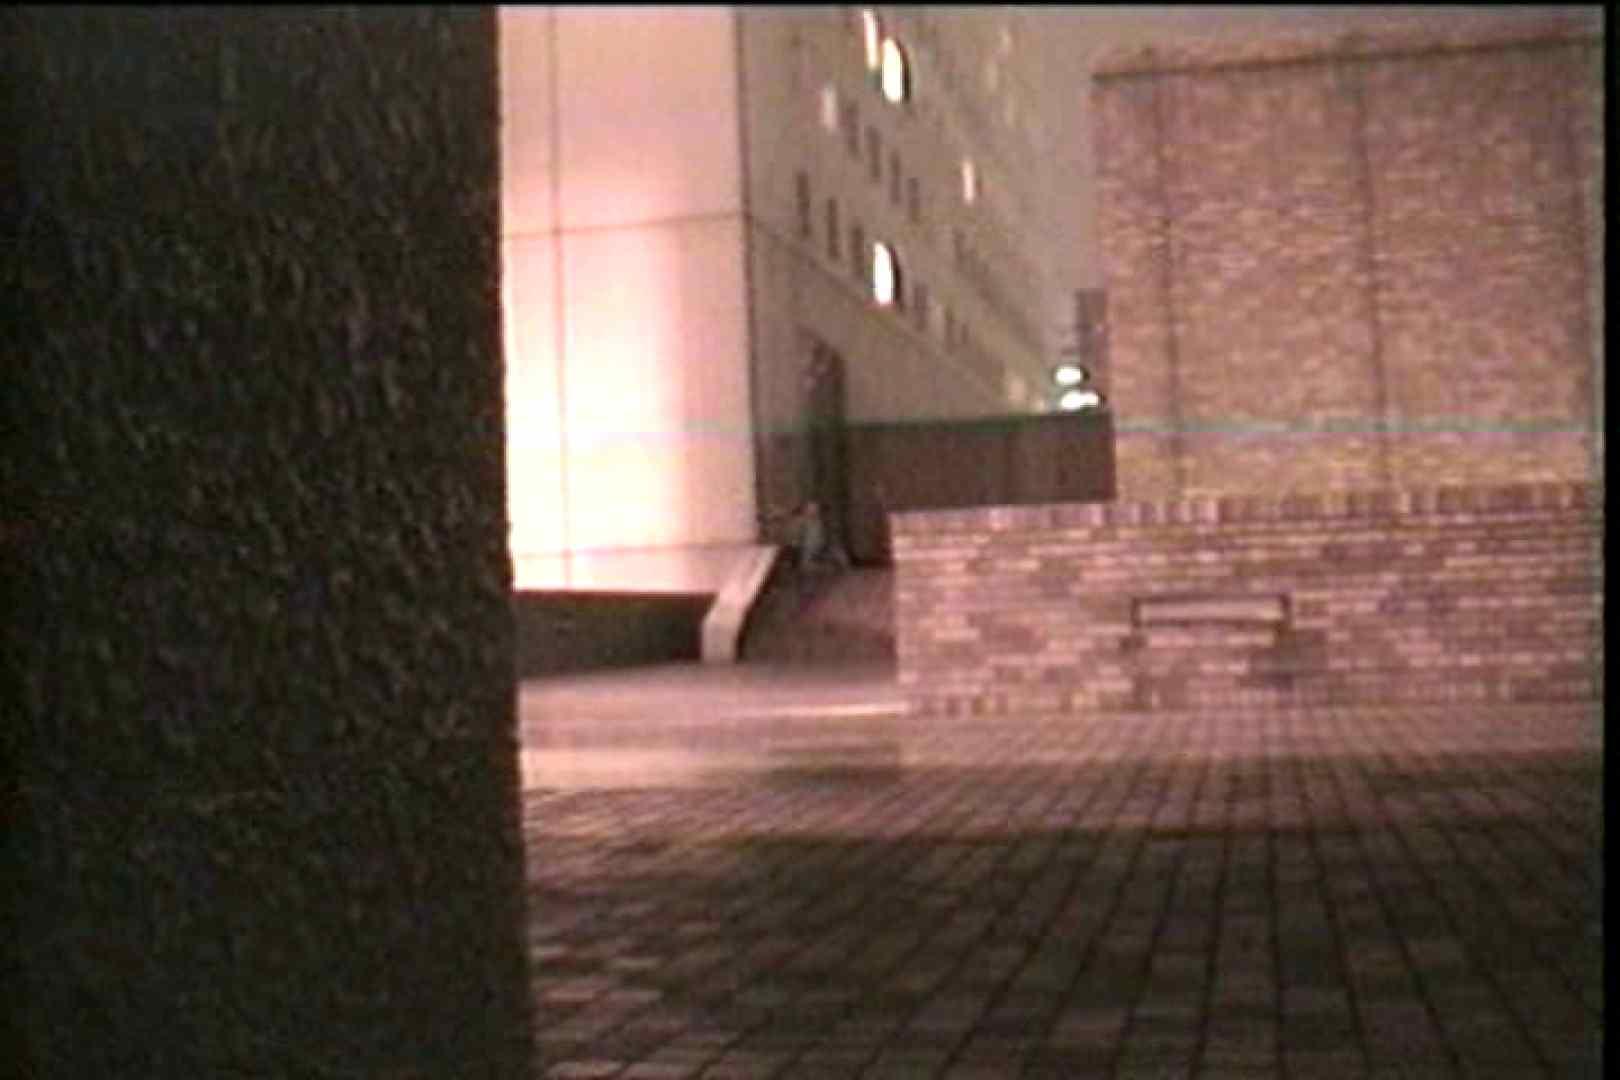 闇の仕掛け人 無修正版 Vol.19 OLエロ画像  102PICs 27